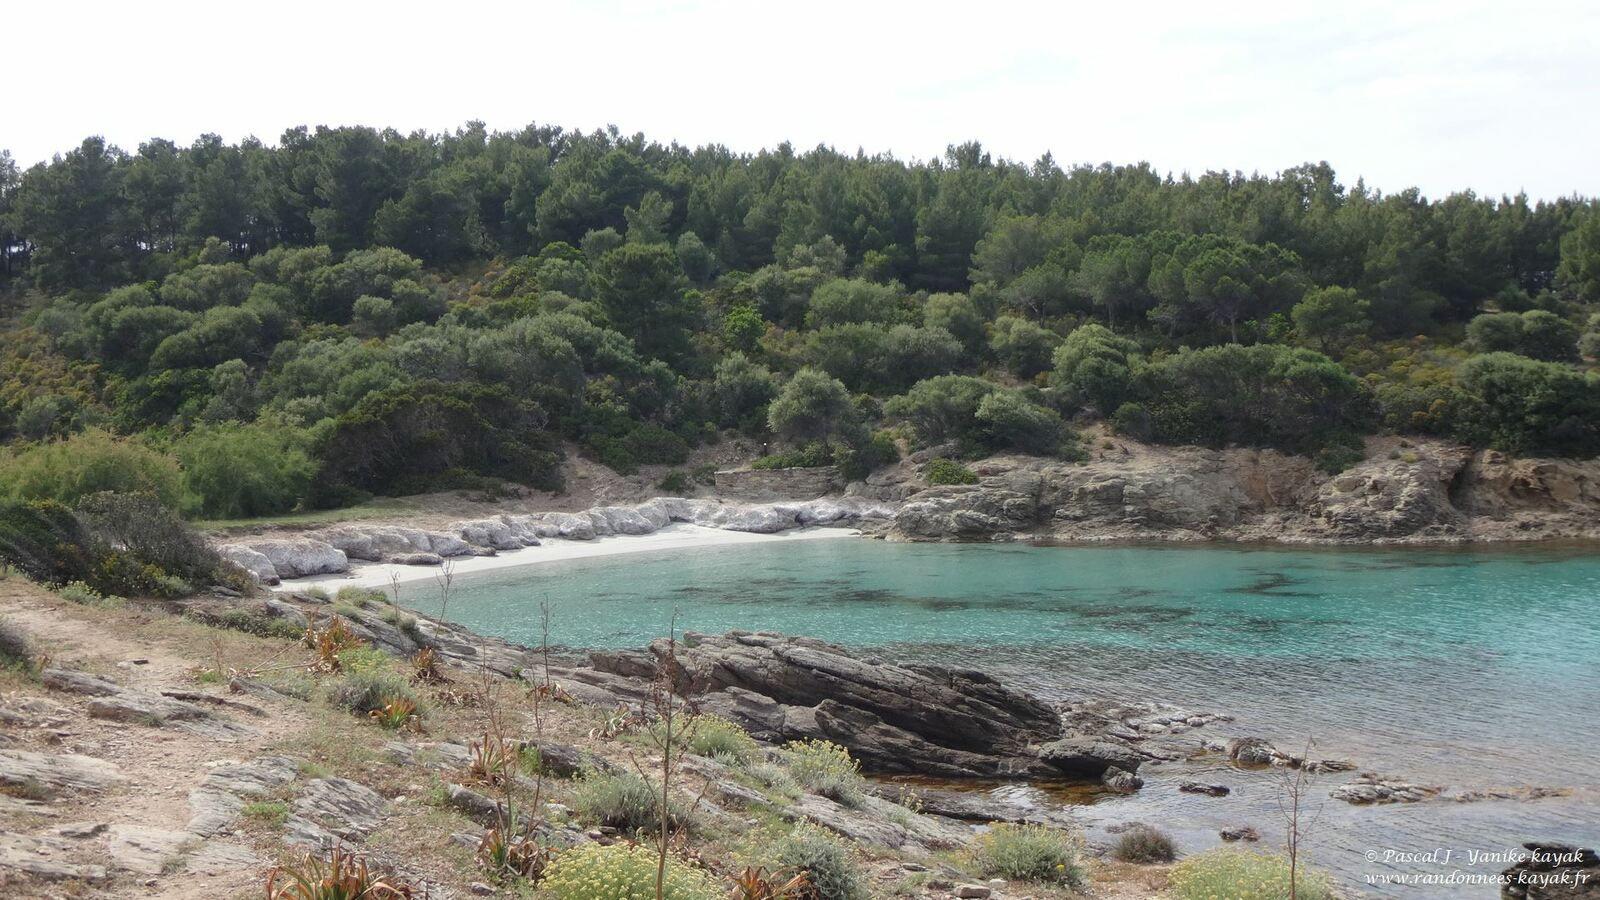 Corsica 2021, la beauté, essentielle, de la nature - Chapitre 2 : les Agriates, de Saint-Florent aux Paillers de Ghignu